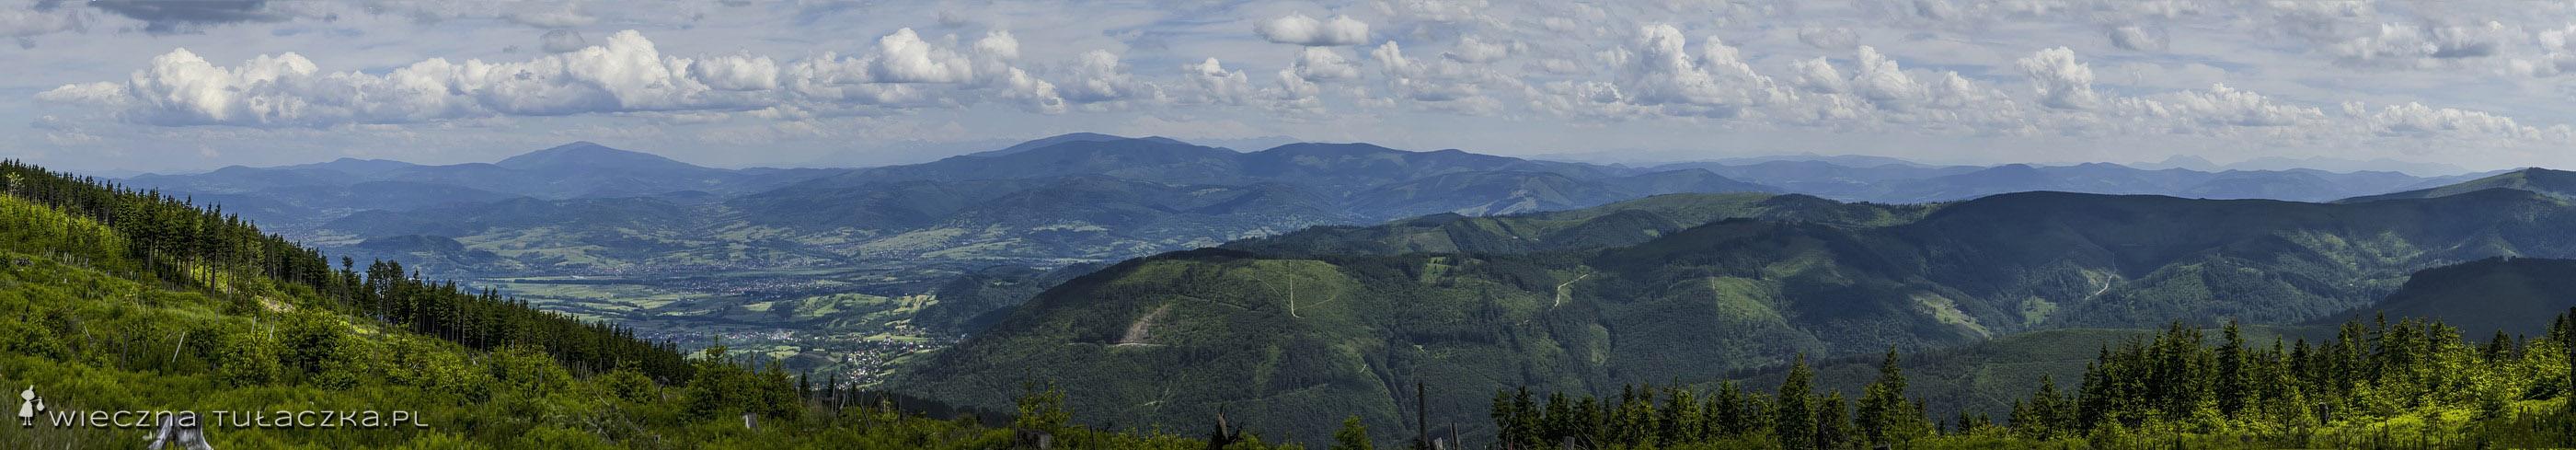 Panorama z Kopy Skrzyczeńskiej